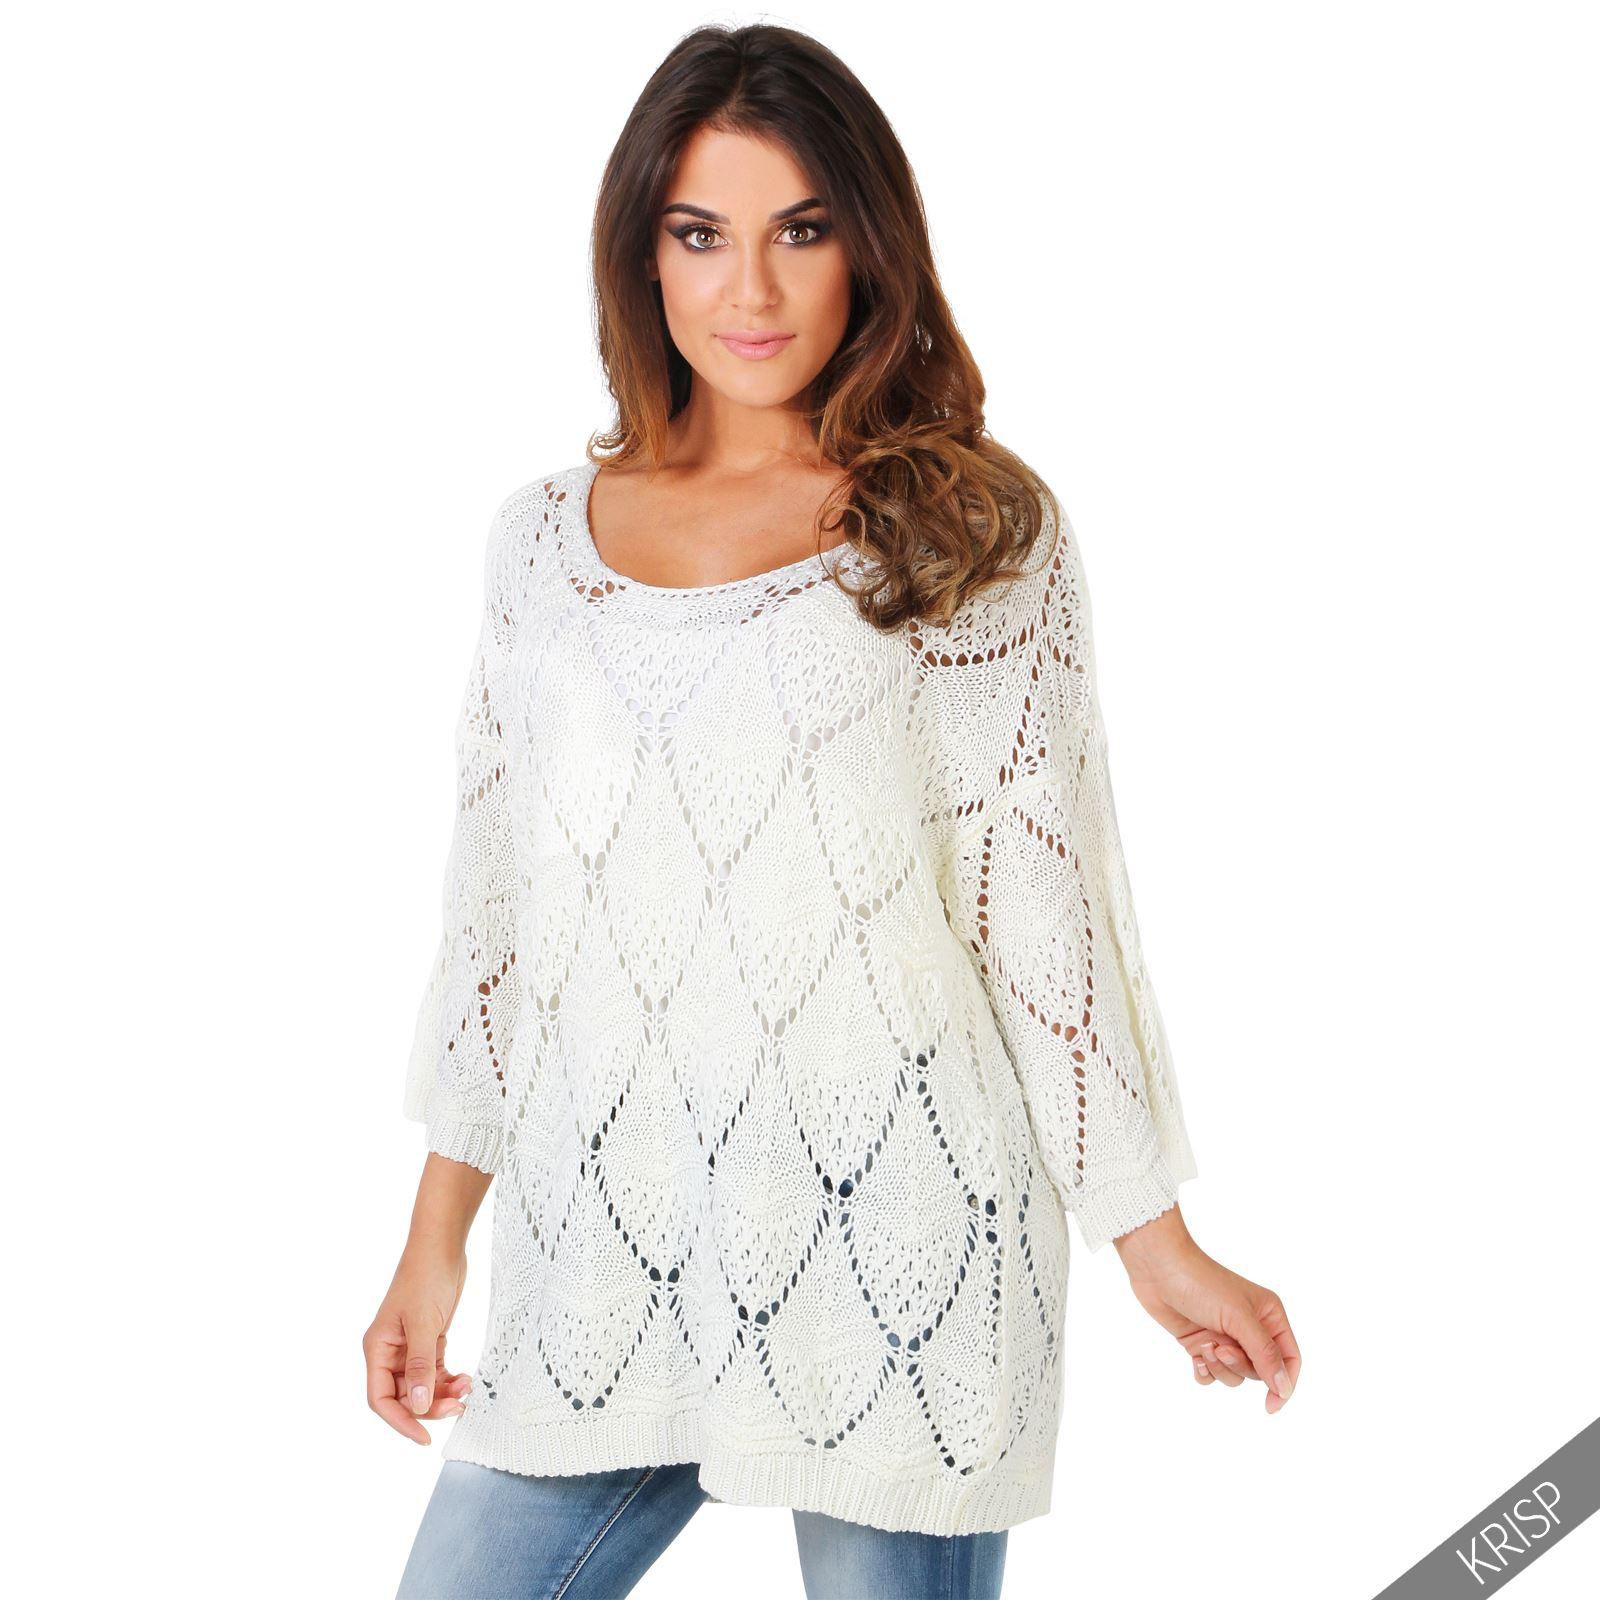 damen oversize strickpullover pullover pulli sweater lang. Black Bedroom Furniture Sets. Home Design Ideas